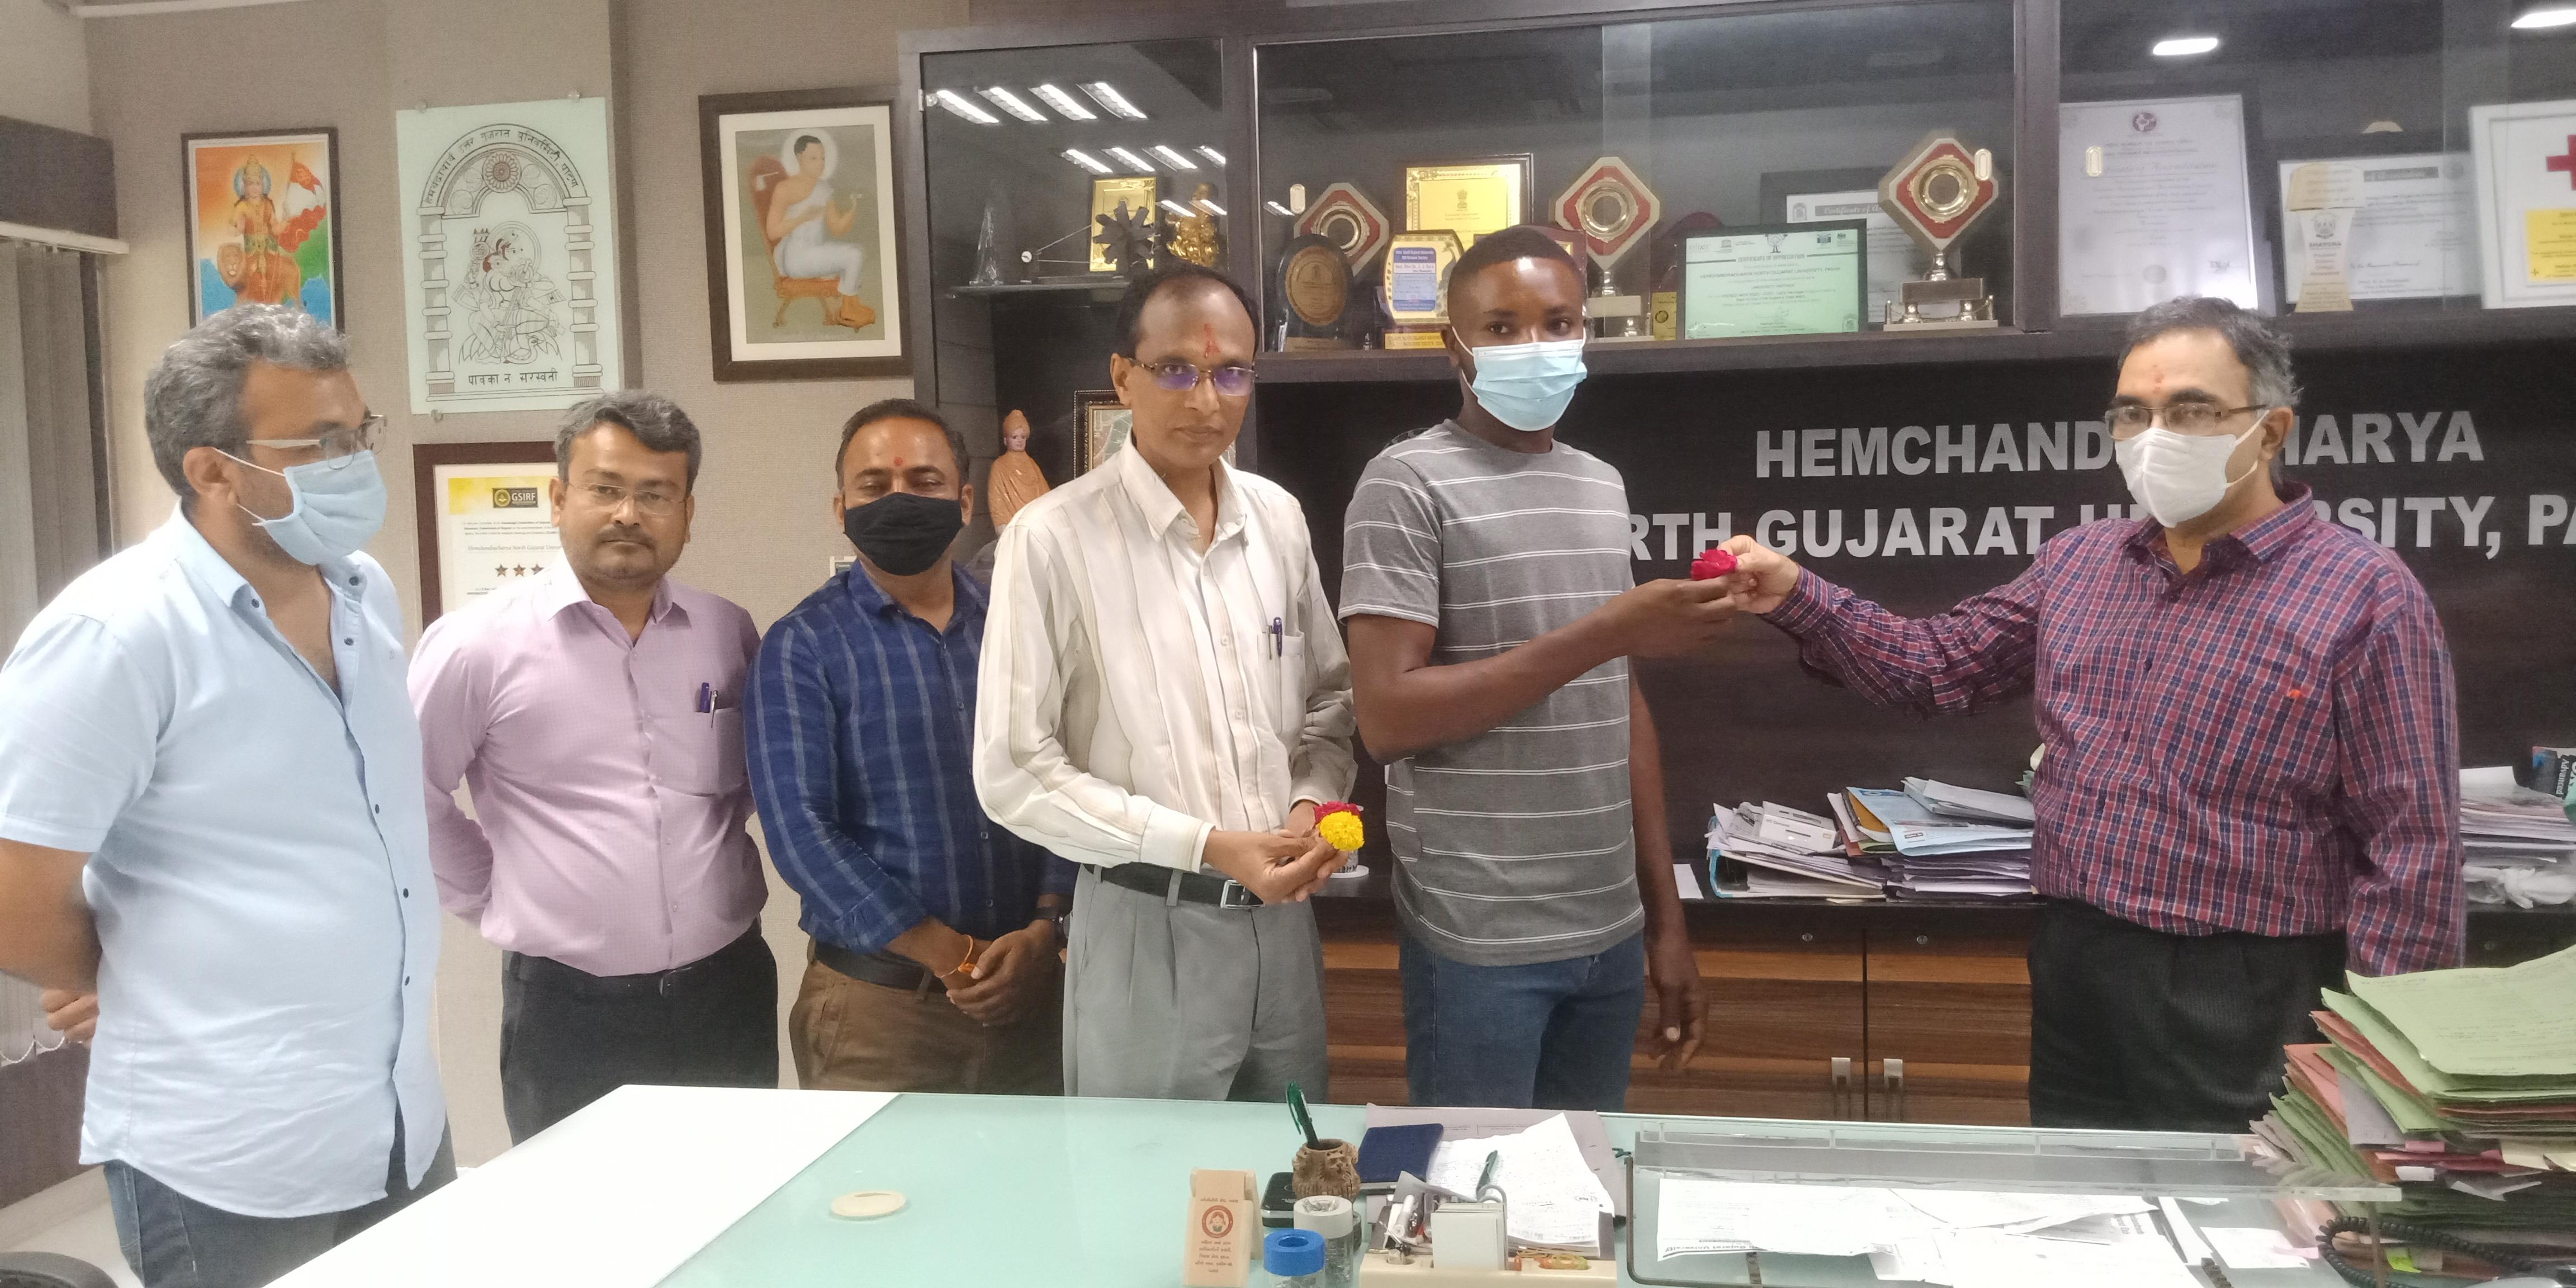 ભારત સરકારના ICCR પ્રોગ્રામ અંતર્ગત ઘાનાના વિદ્યાર્થીએ પાટણની હેમચંદ્રાચાર્ય ઉત્તર ગુજરાત યુનિવર્સિટીમાં પ્રવેશ મેળવ્યો પાટણ,Patan - Divya Bhaskar